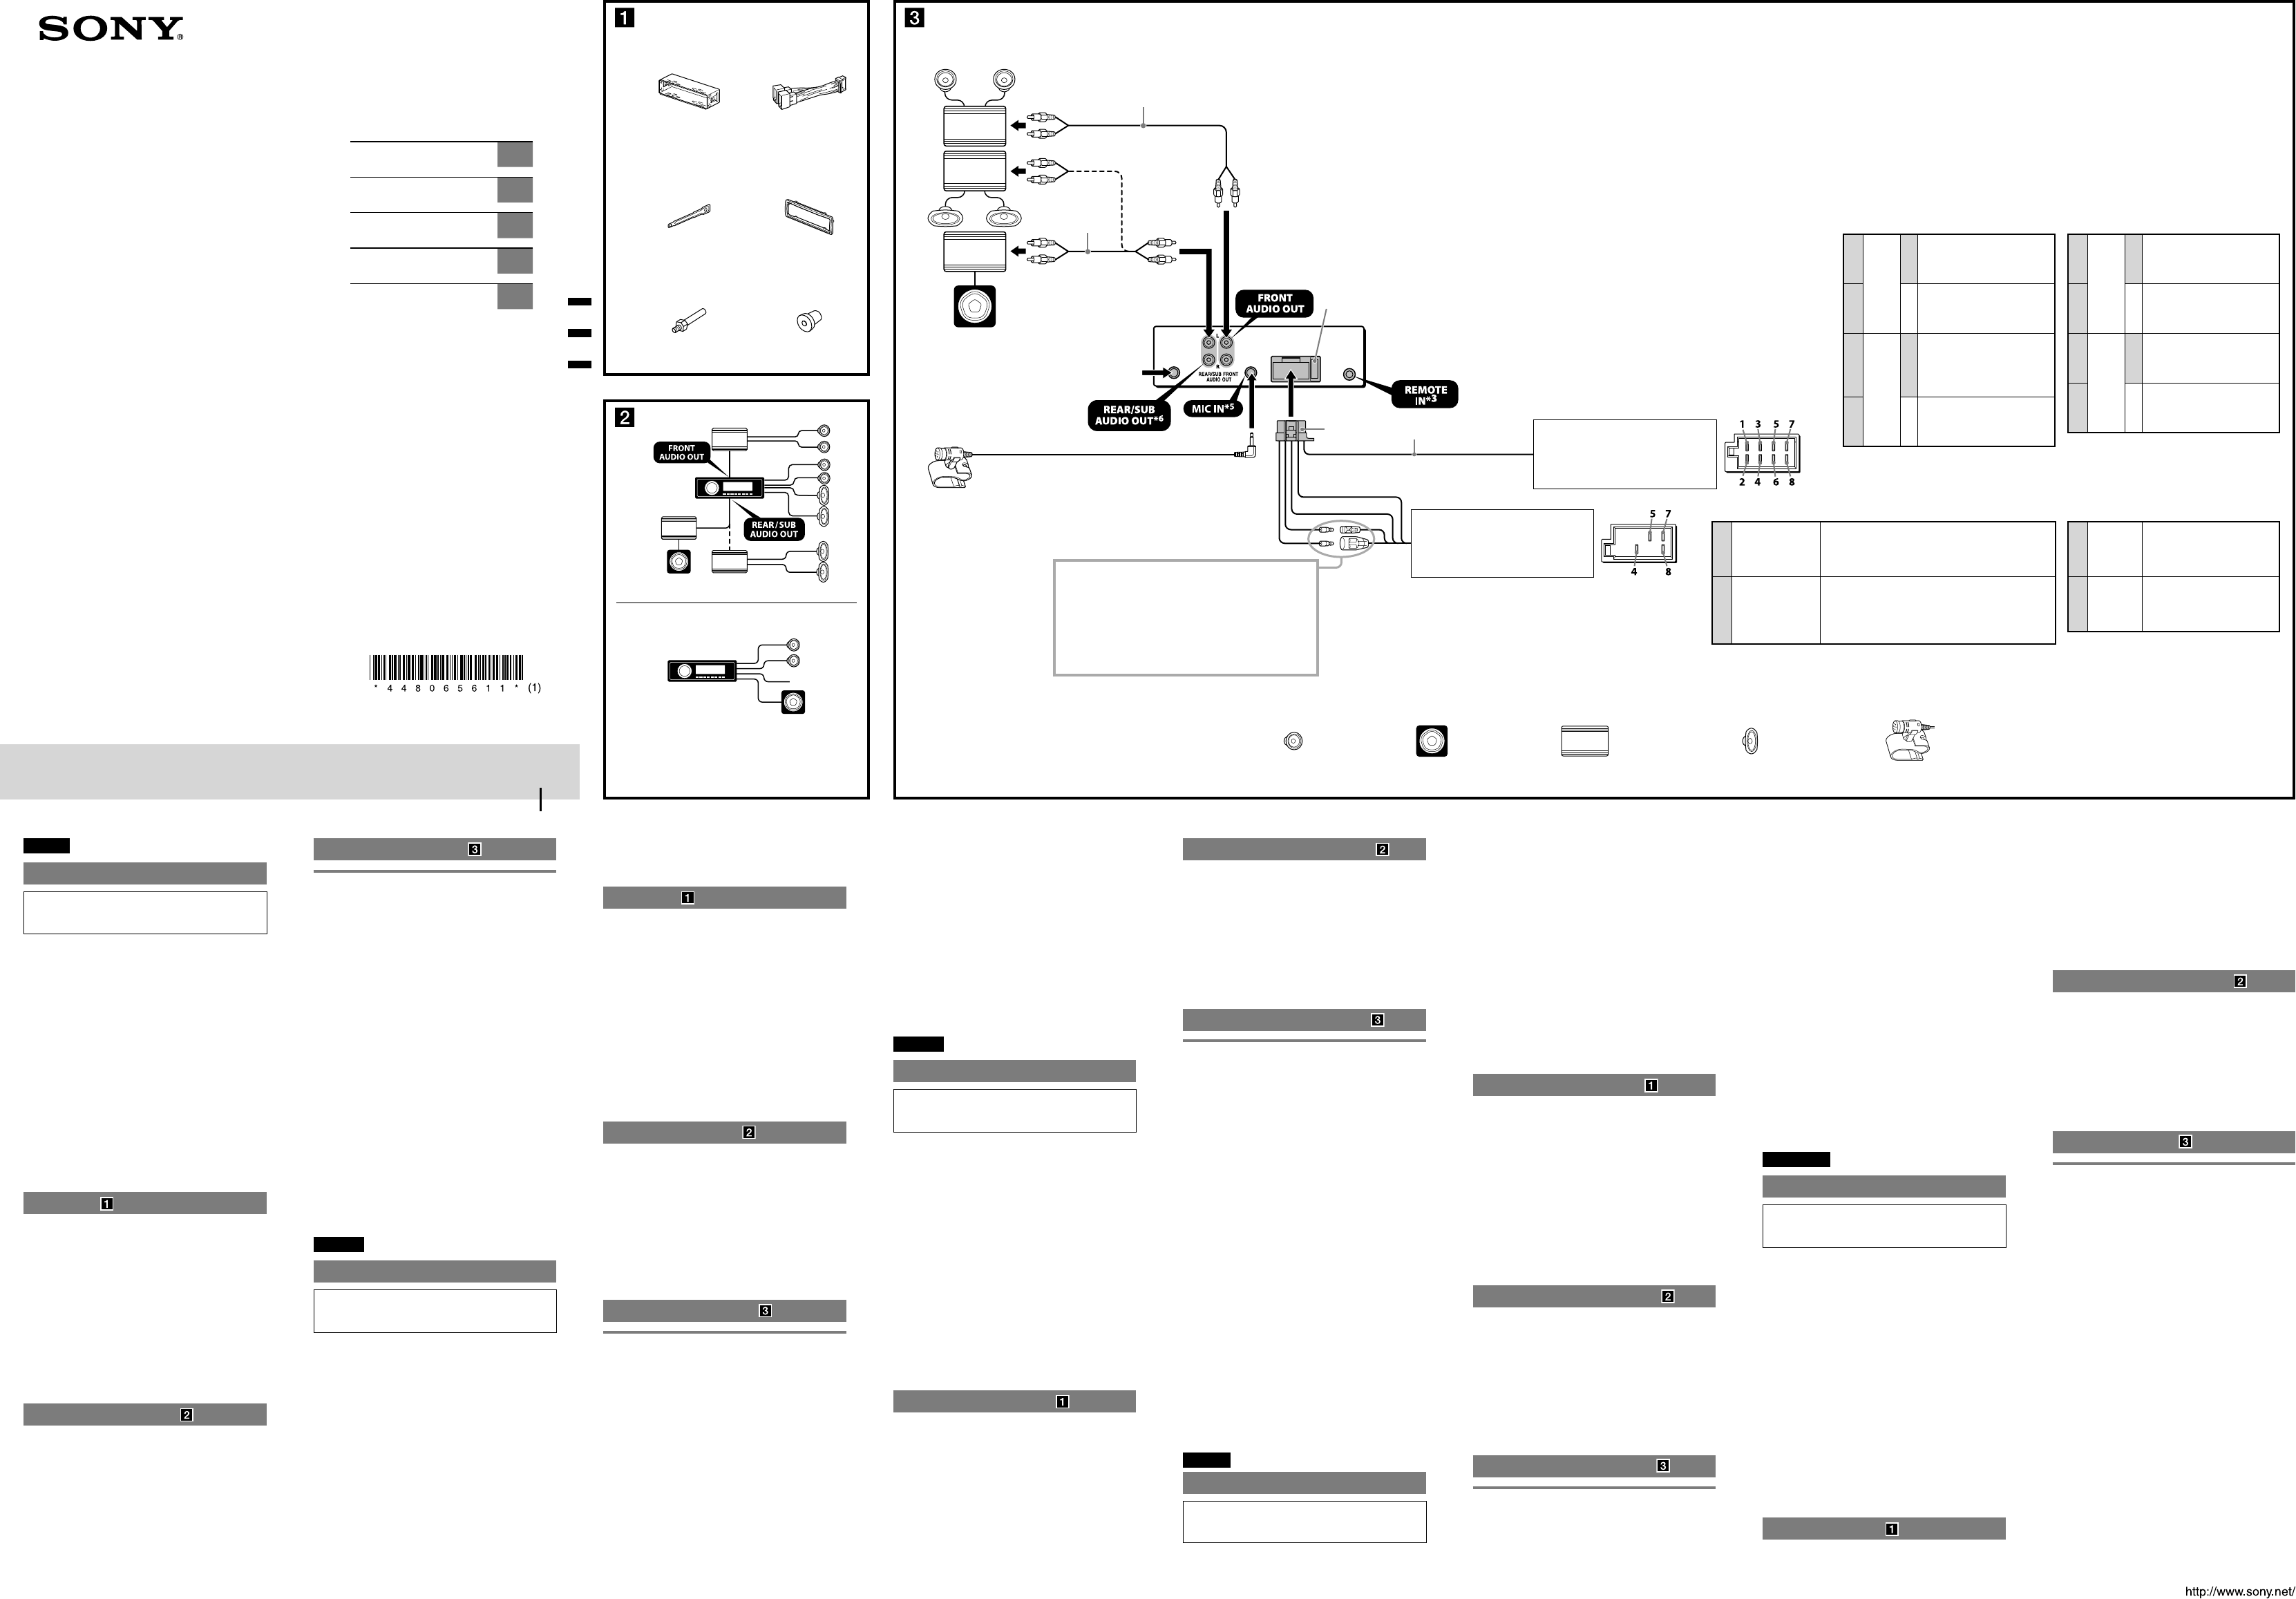 Erfreut Sony Haupteinheit Schaltplan Fotos - Die Besten Elektrischen ...